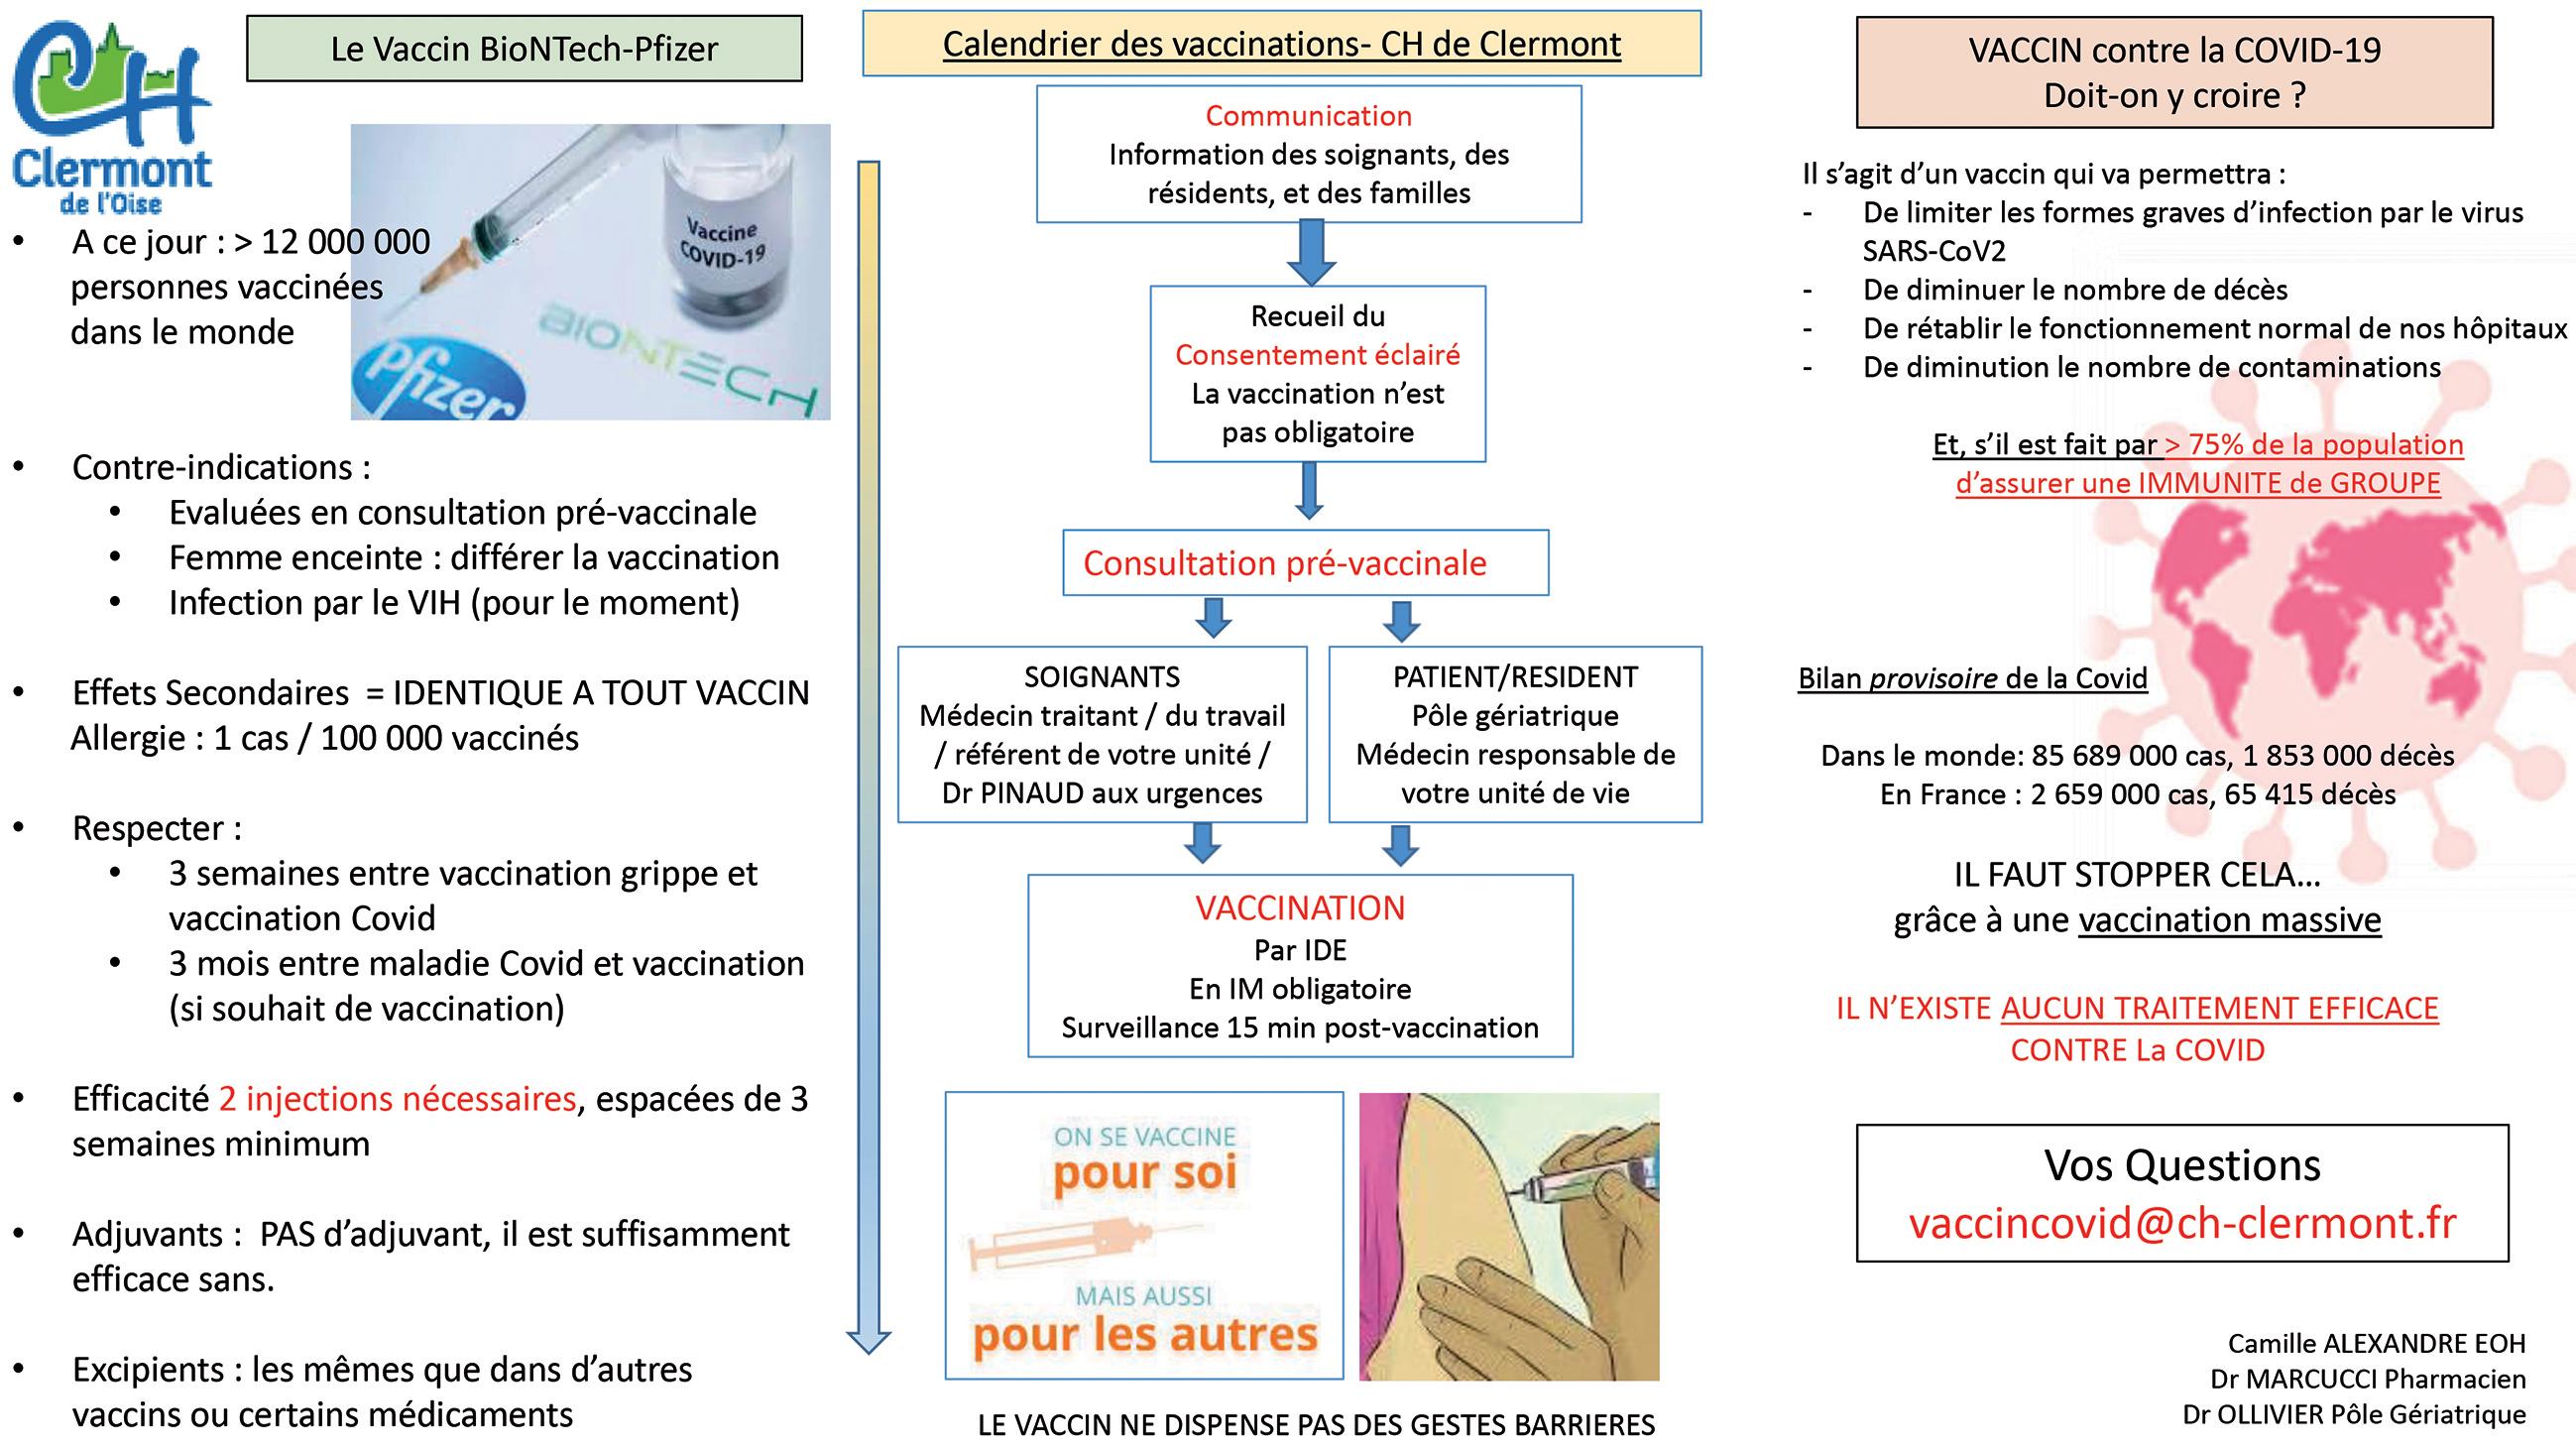 Les équipes du CH de Clermont de l'Oise ont réalisé un triptyque pour expliquer la vaccination contre le Covid-19. ©DR